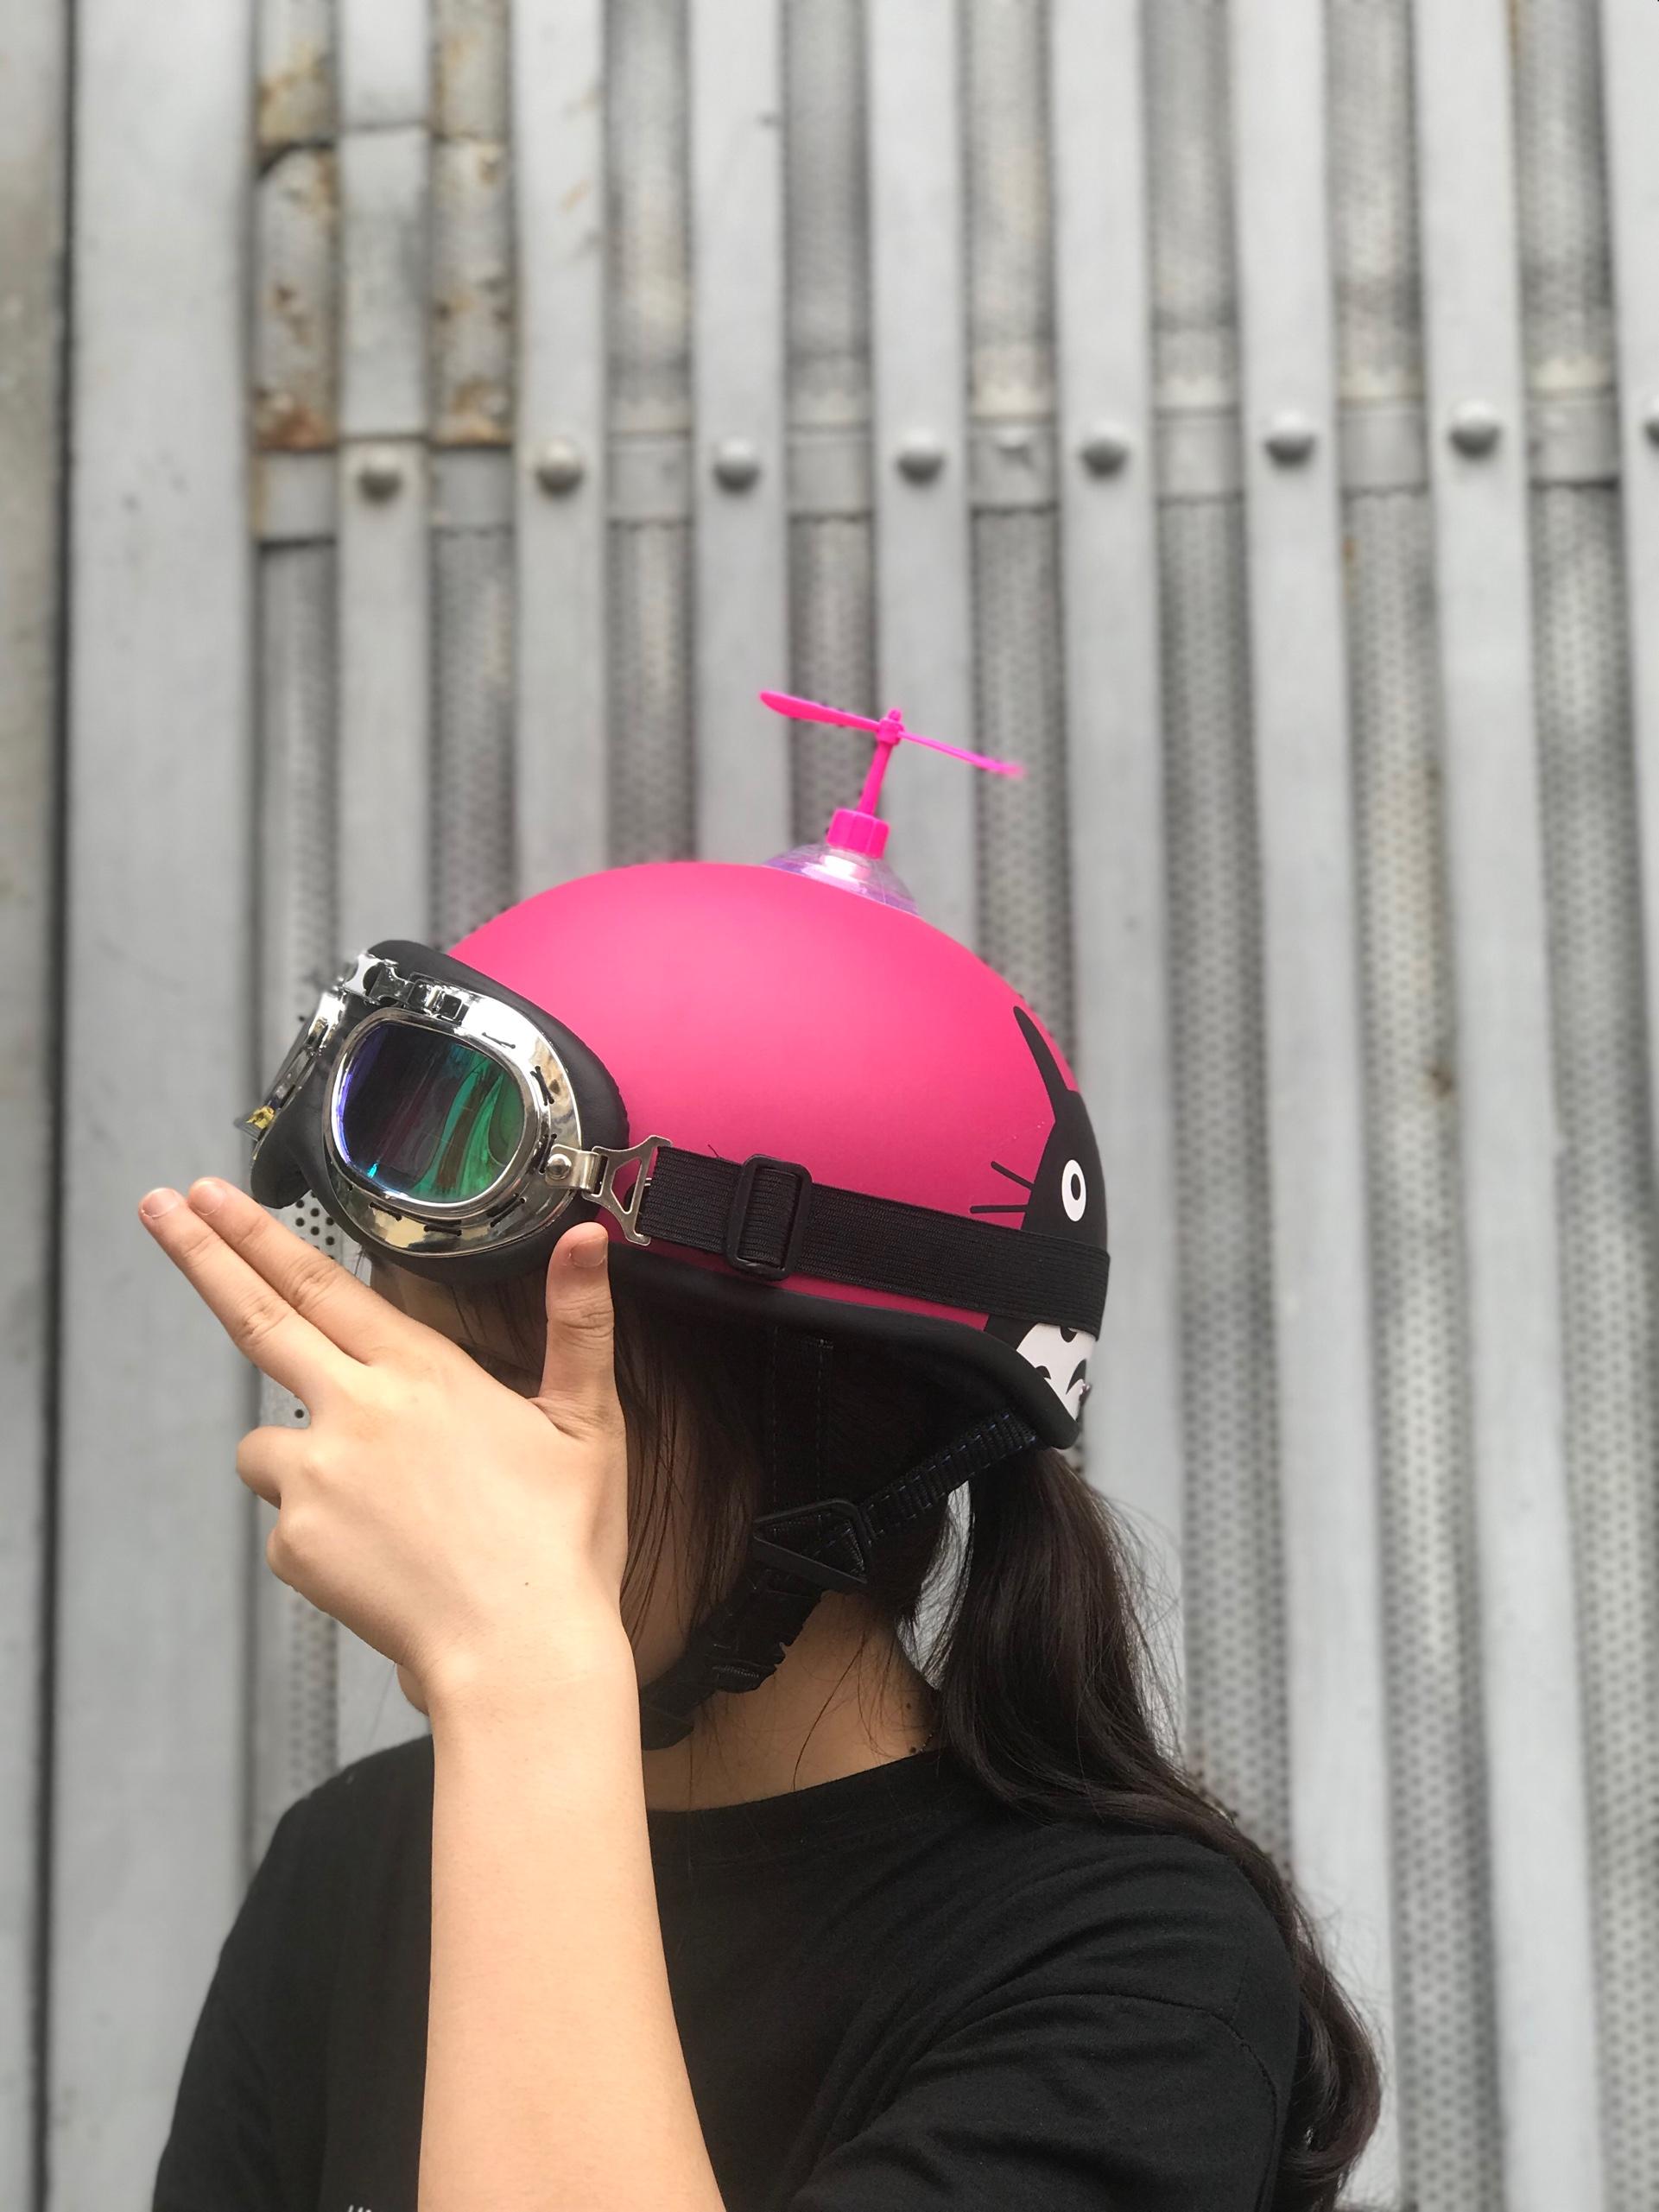 (HOT HIT) mũ bảo hiểm 1/2 CONY THỎ HỒNG+KÍNH PHI CÔNG+CHONG CHÓNG